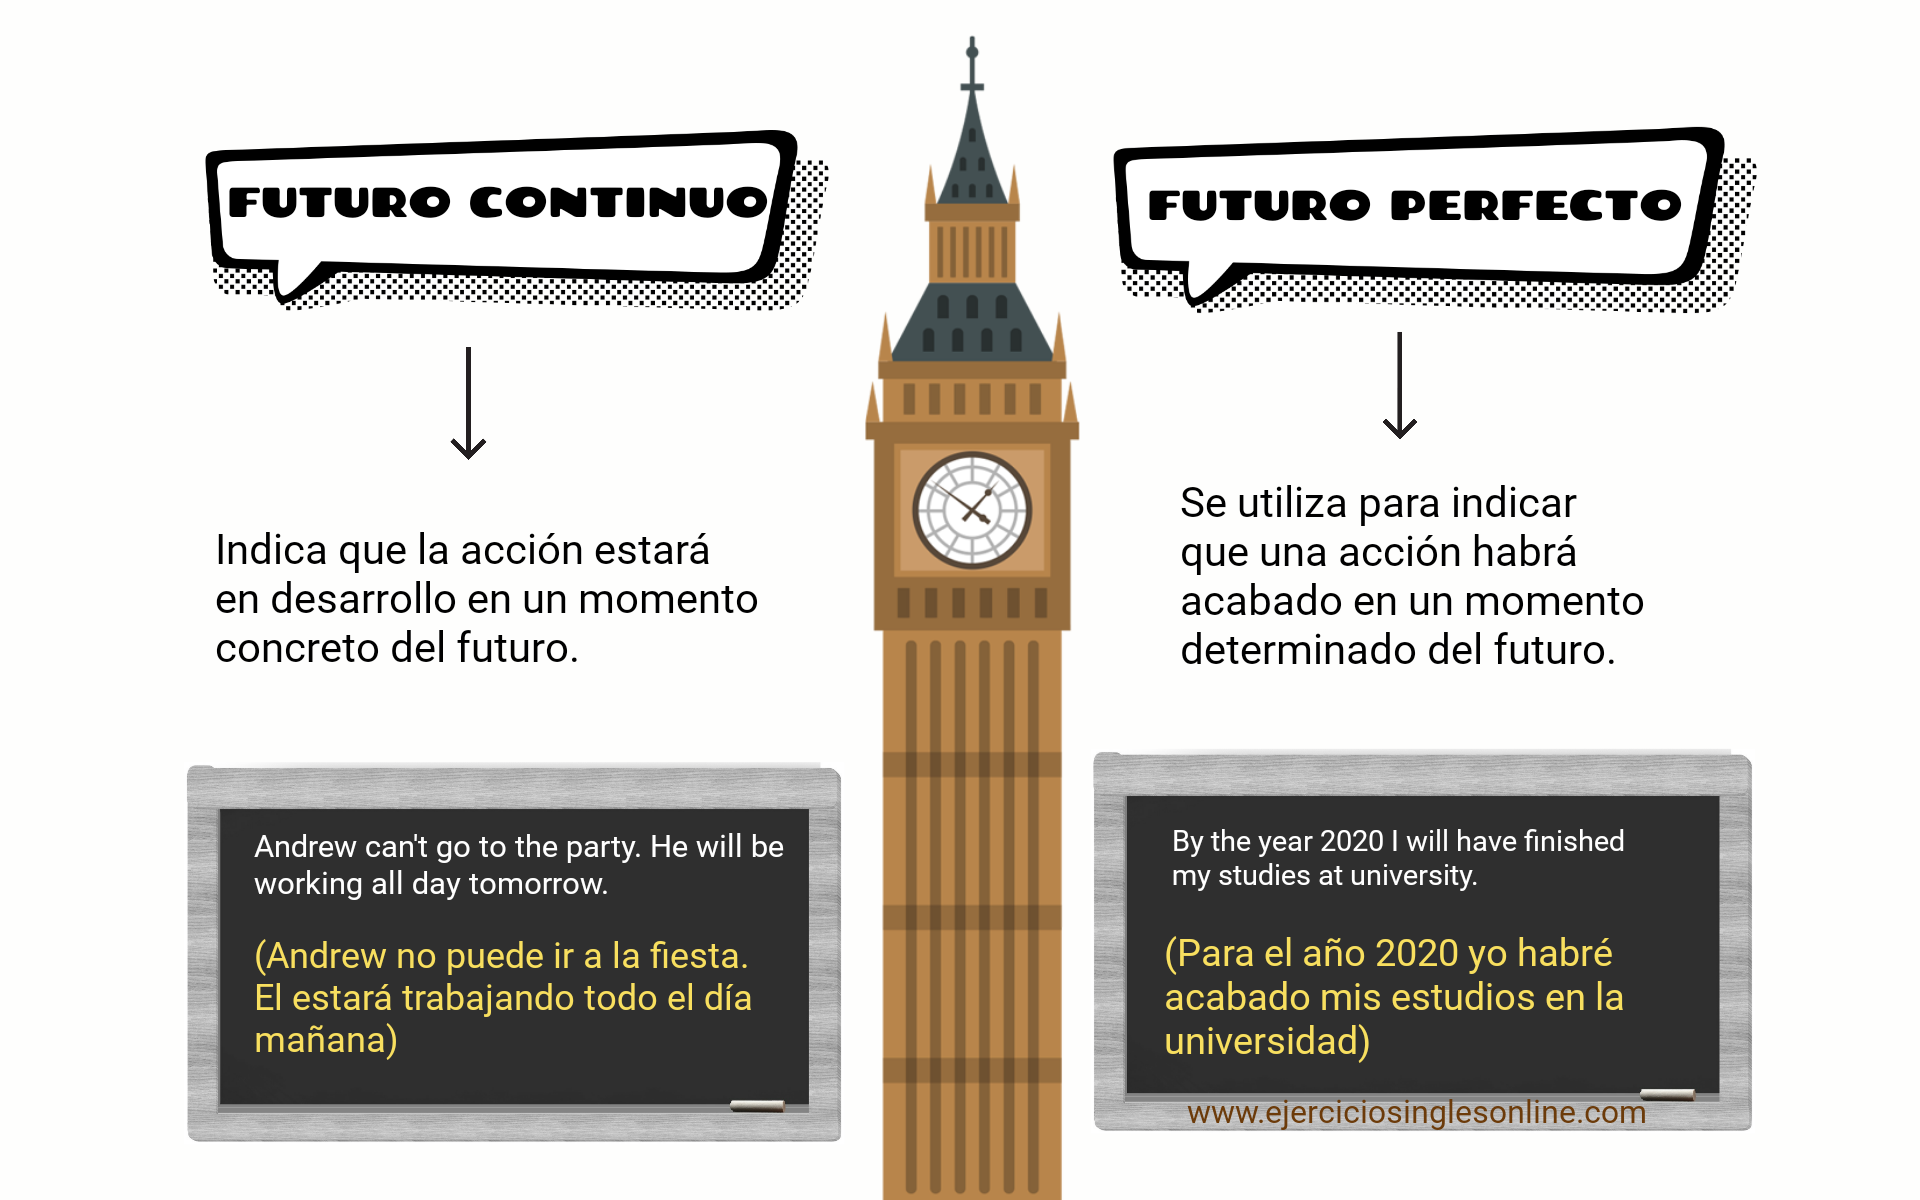 Futuro continuo y perfecto - Ejercicio 5 - Interactivo